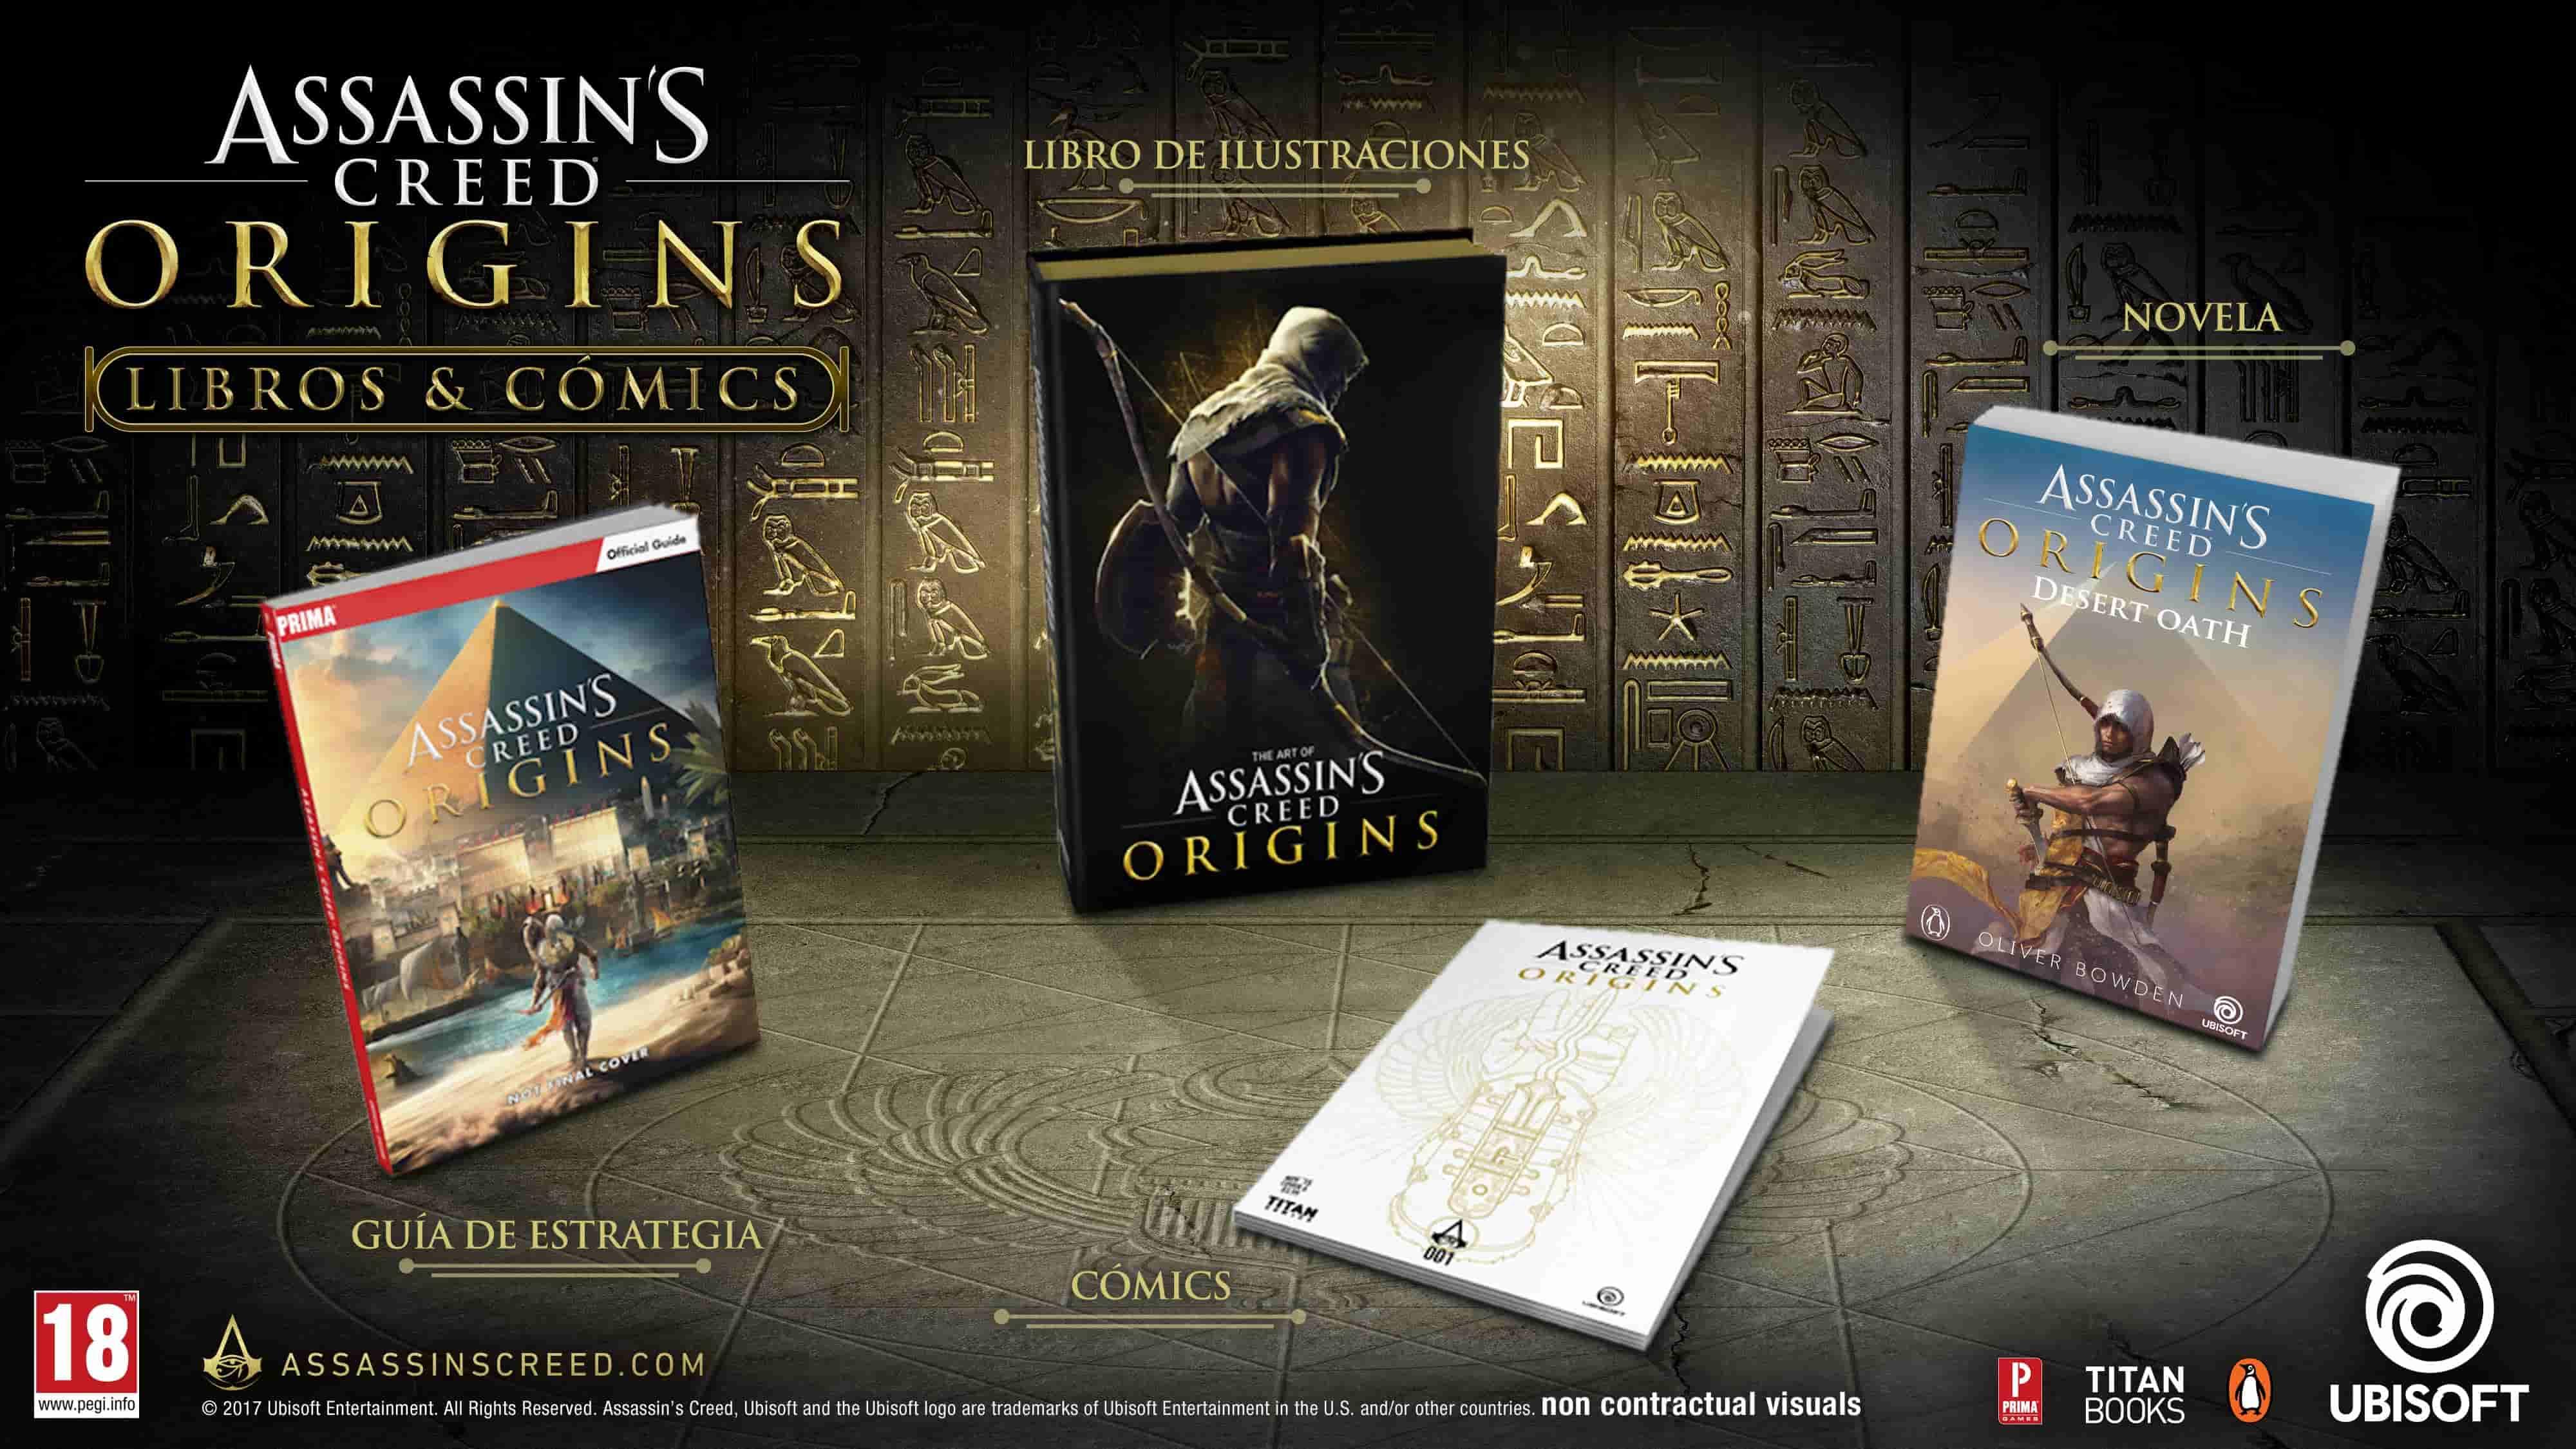 Assassin's Creed Origins ampliará su universo con una novela y una miniserie de cómics